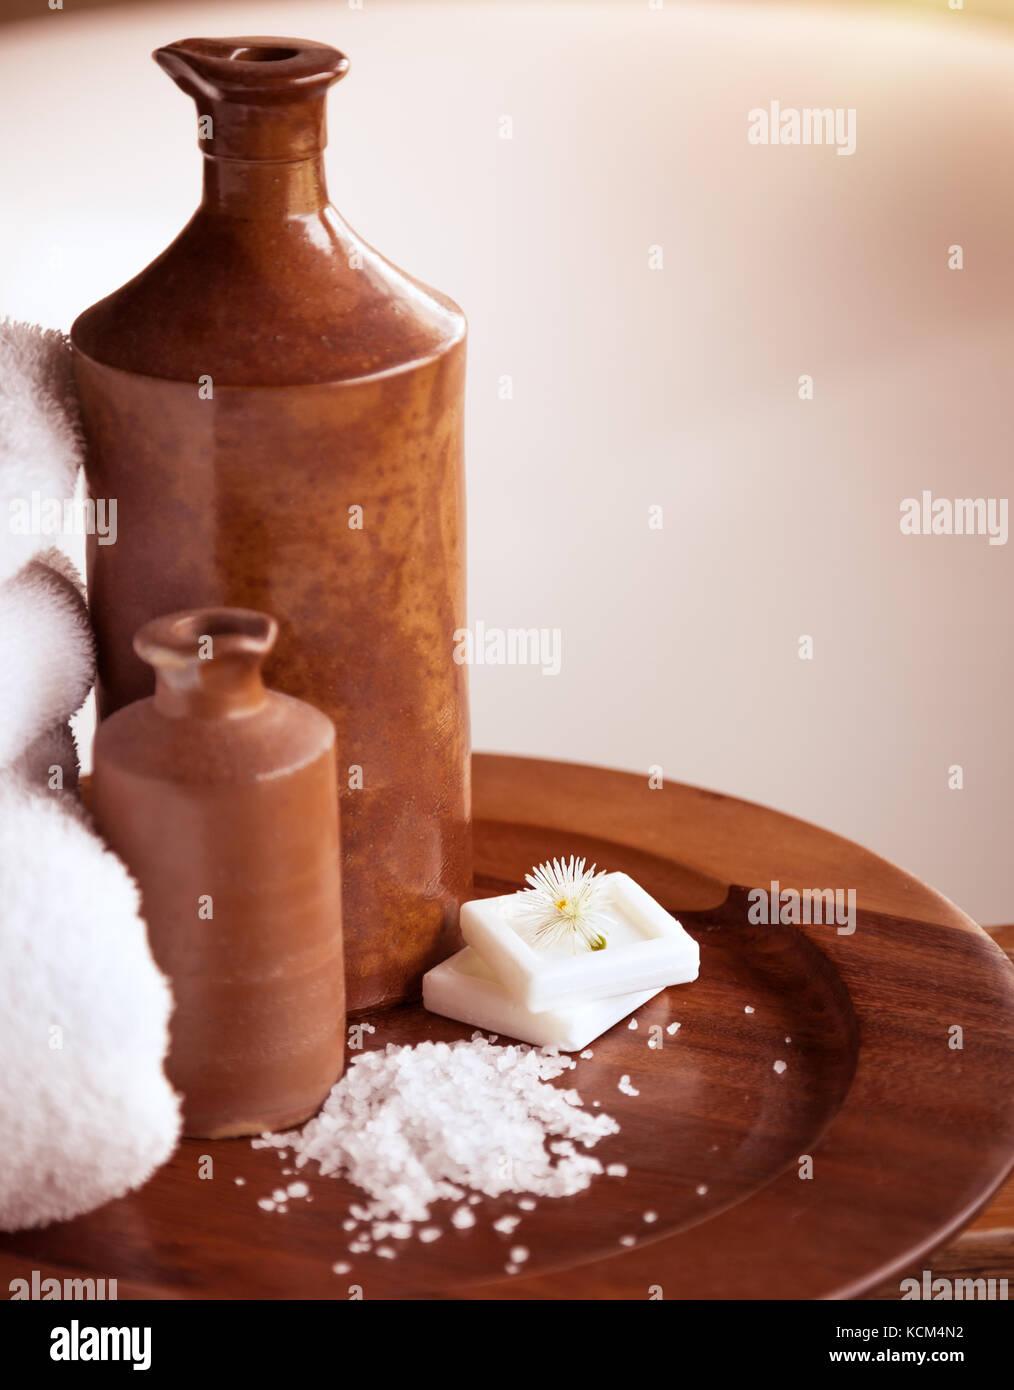 schones badezimmer, schönes badezimmer noch leben, zwei braune keramik flaschen auf dem, Design ideen